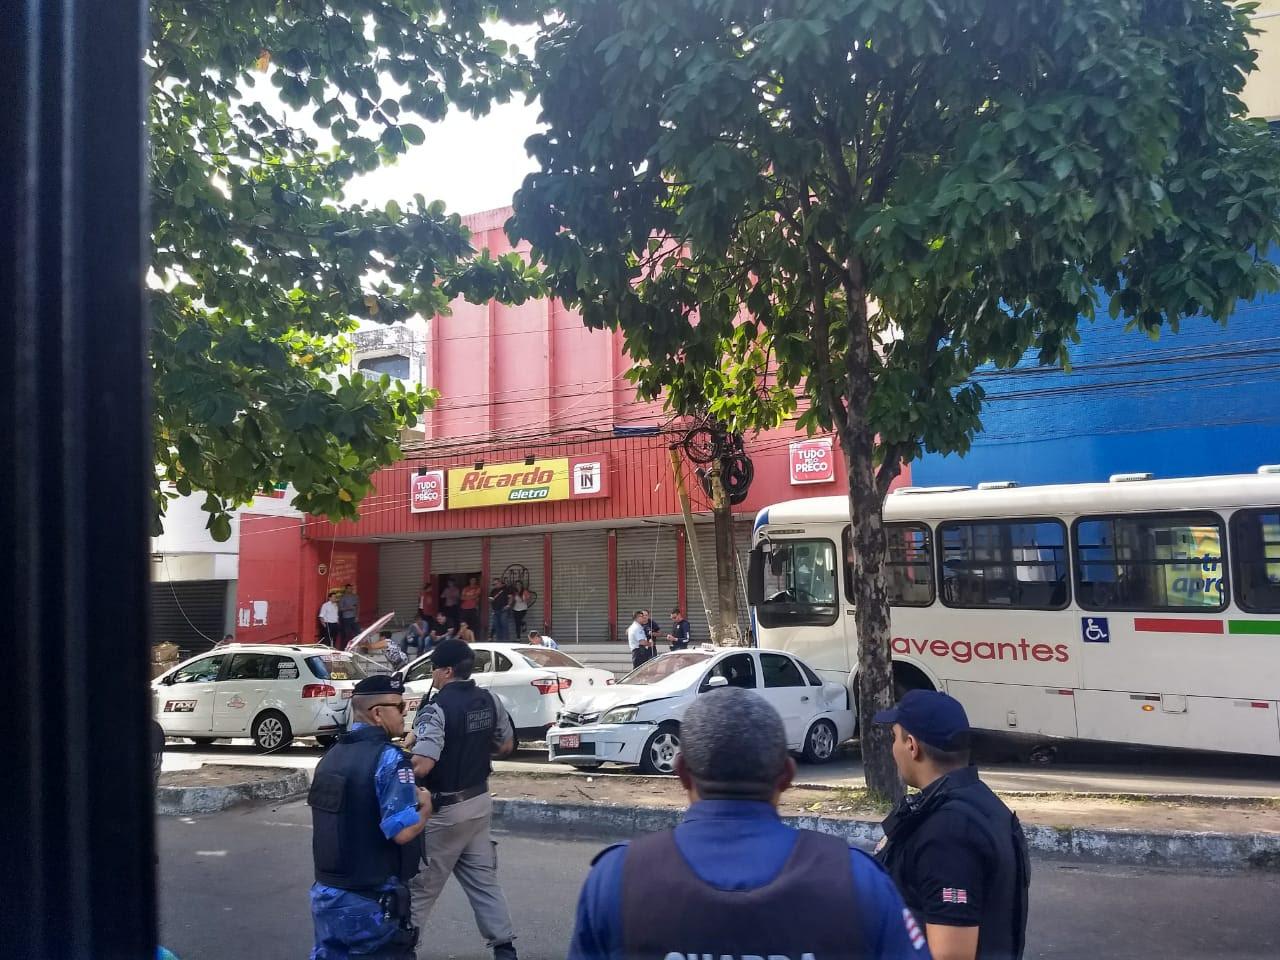 cab36535 5d9e 4ba9 bd85 4bd12ccd4a8f - VEJA VÍDEO: Motorista de ônibus perde controle, invade calçada, destrói veículos e deixa feridos no Parque da Lagoa